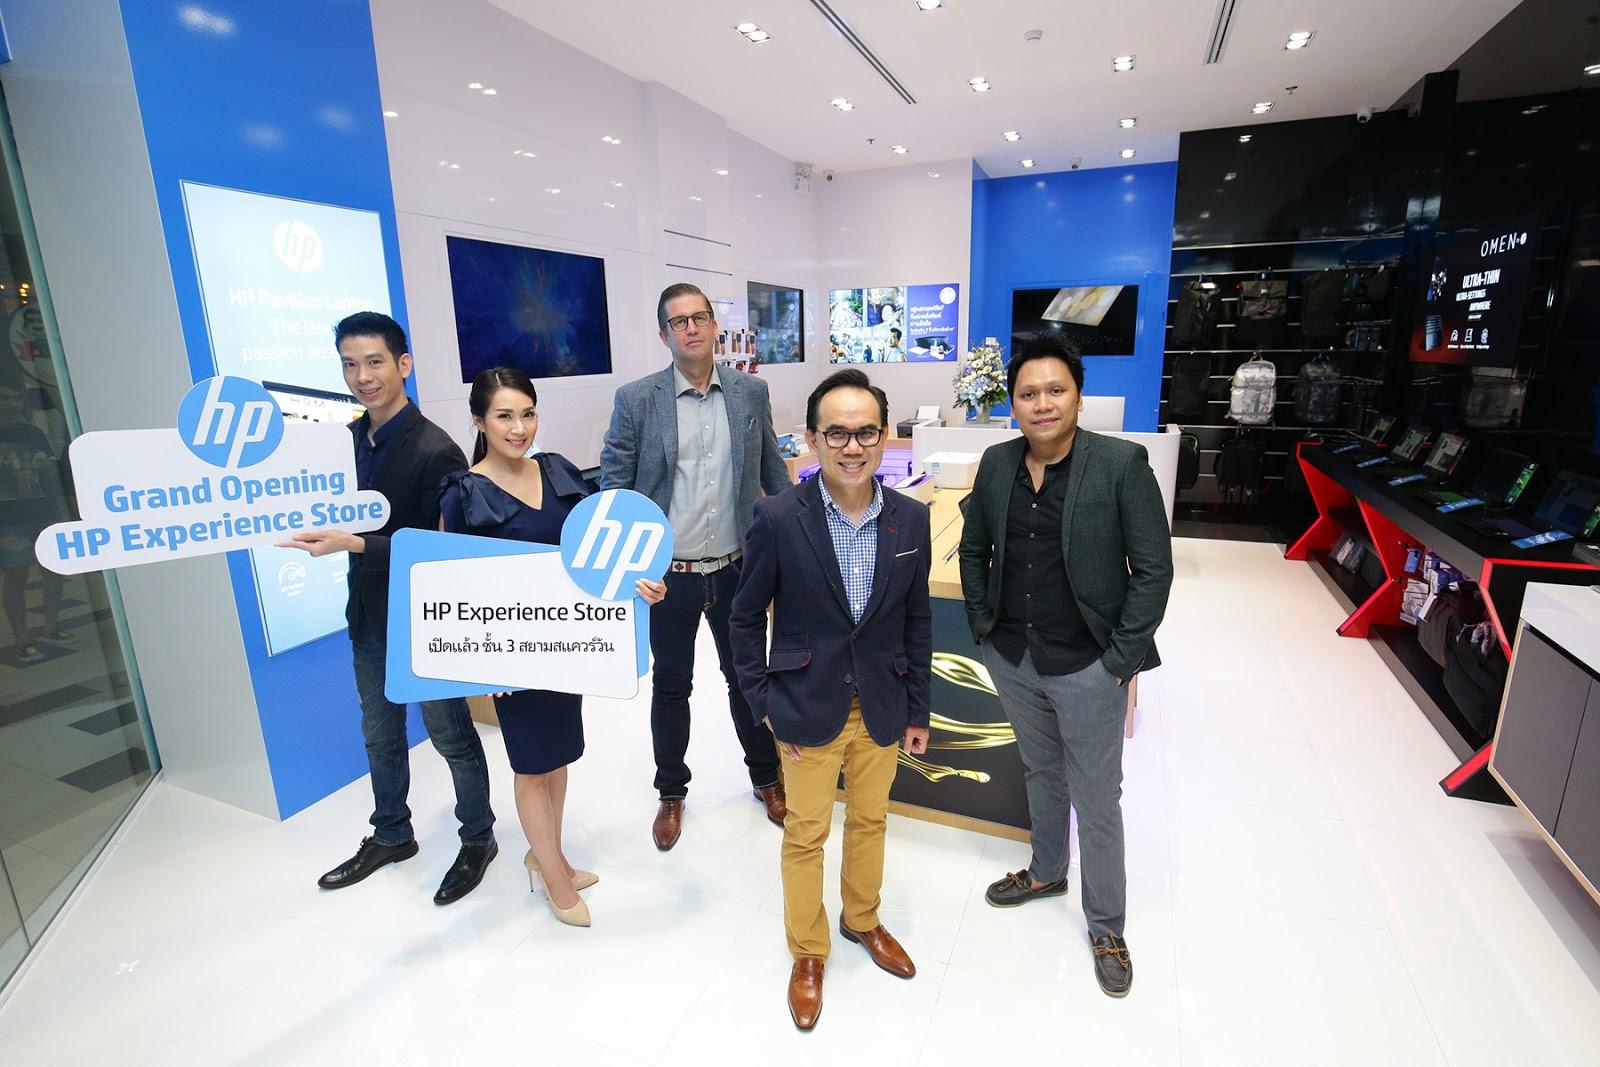 HP เปิดตัว Experience Store แห่งแรกในไทย ยกระดับการบริการ พลิกโฉมประสบการณ์ตอบโจทย์ดิจิทัลไลฟ์สไตล์ [TH/EN]